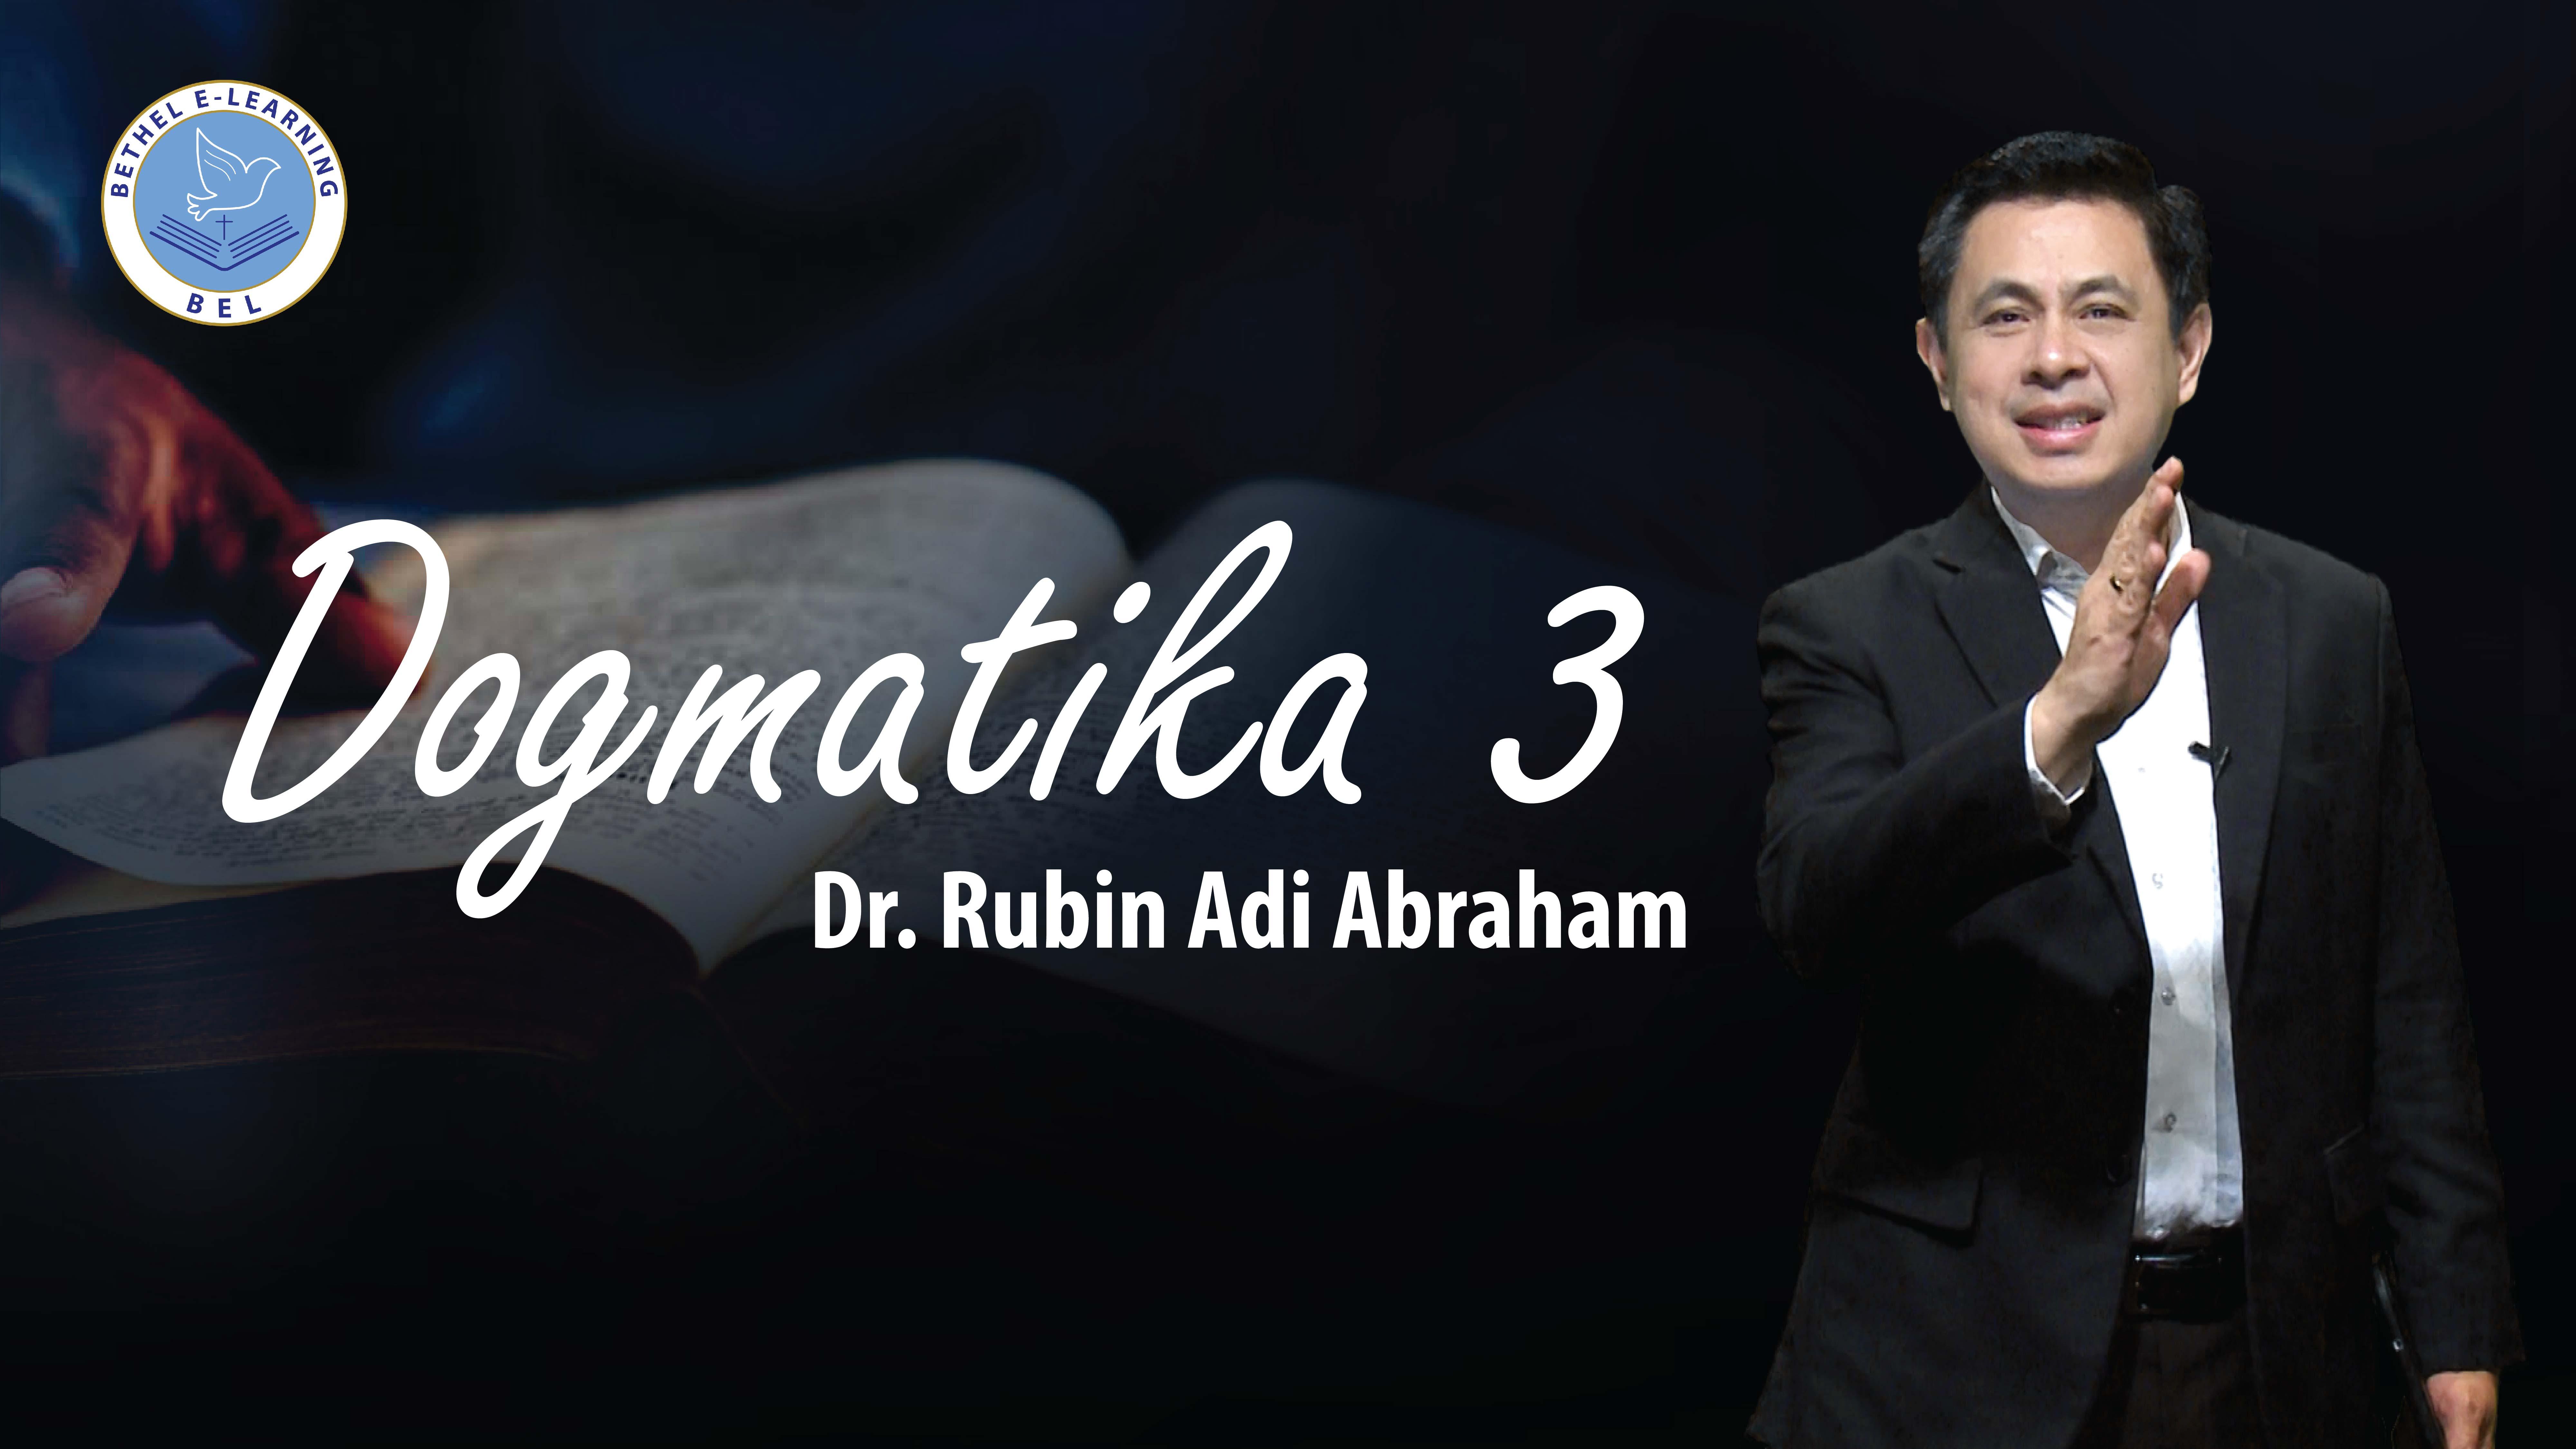 Dogmatika 3